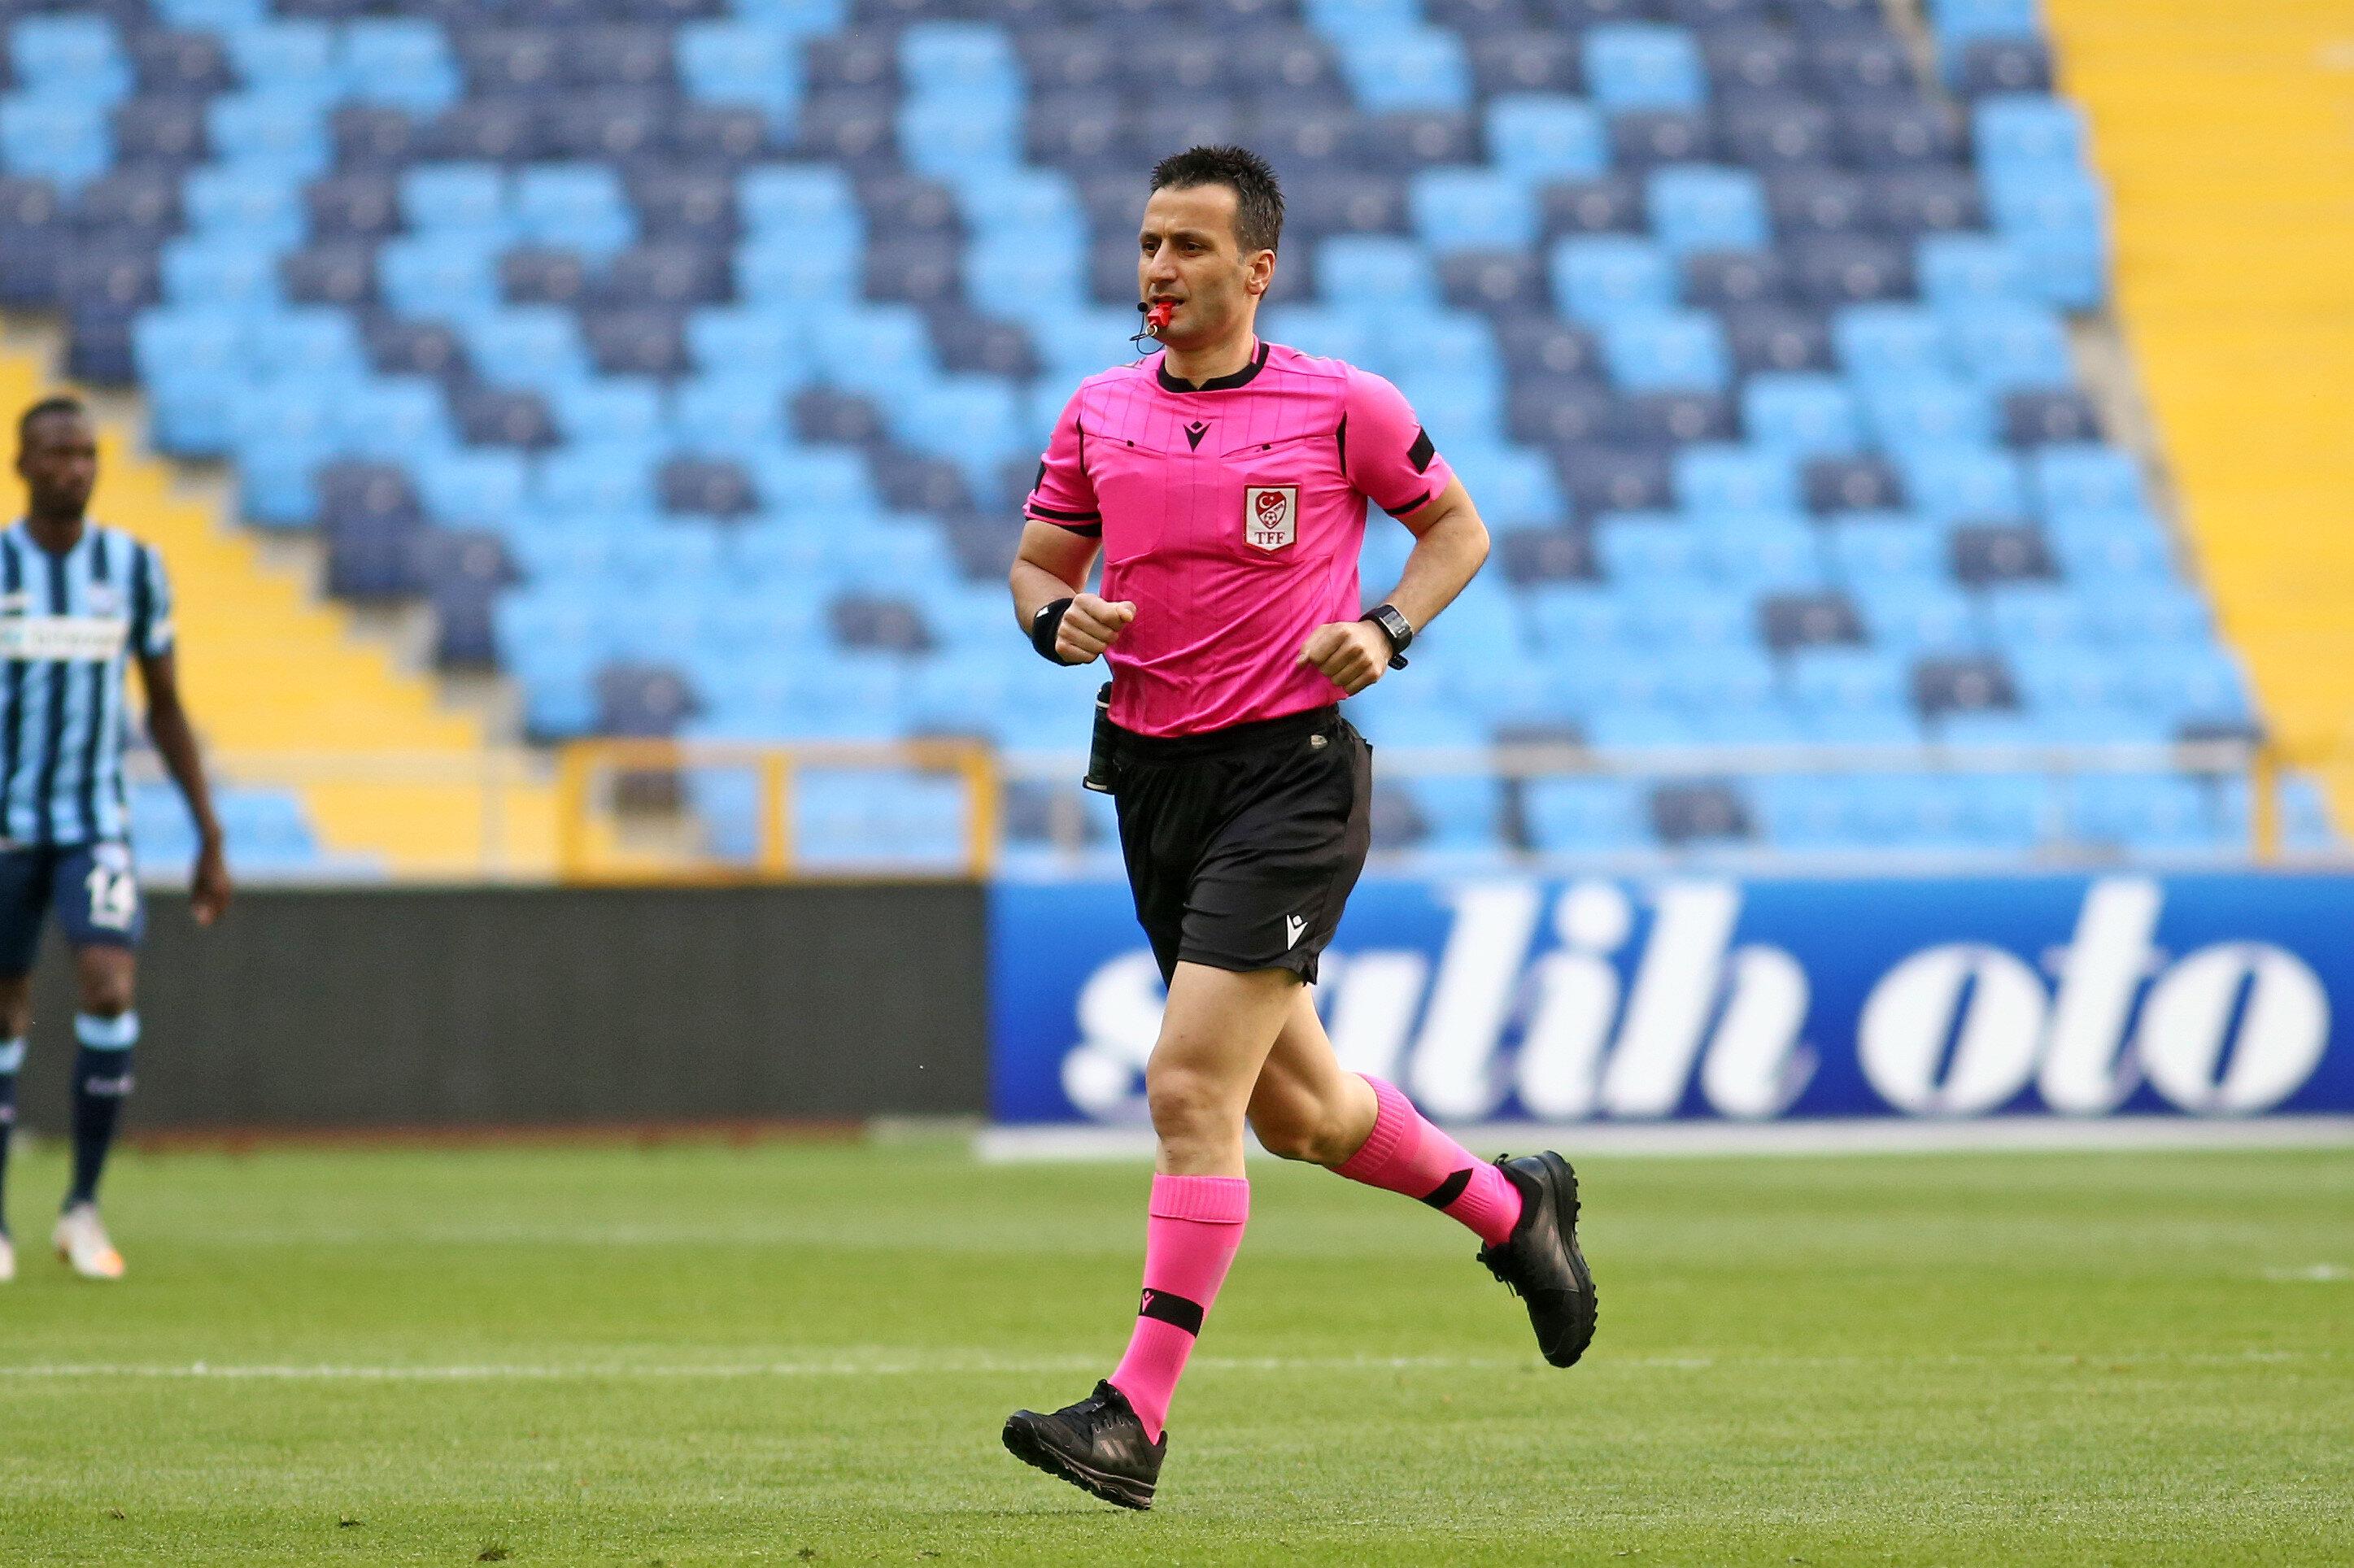 Suat Arslanboğa rakipten gelen top için 'ofsayt' kararı vermişti.